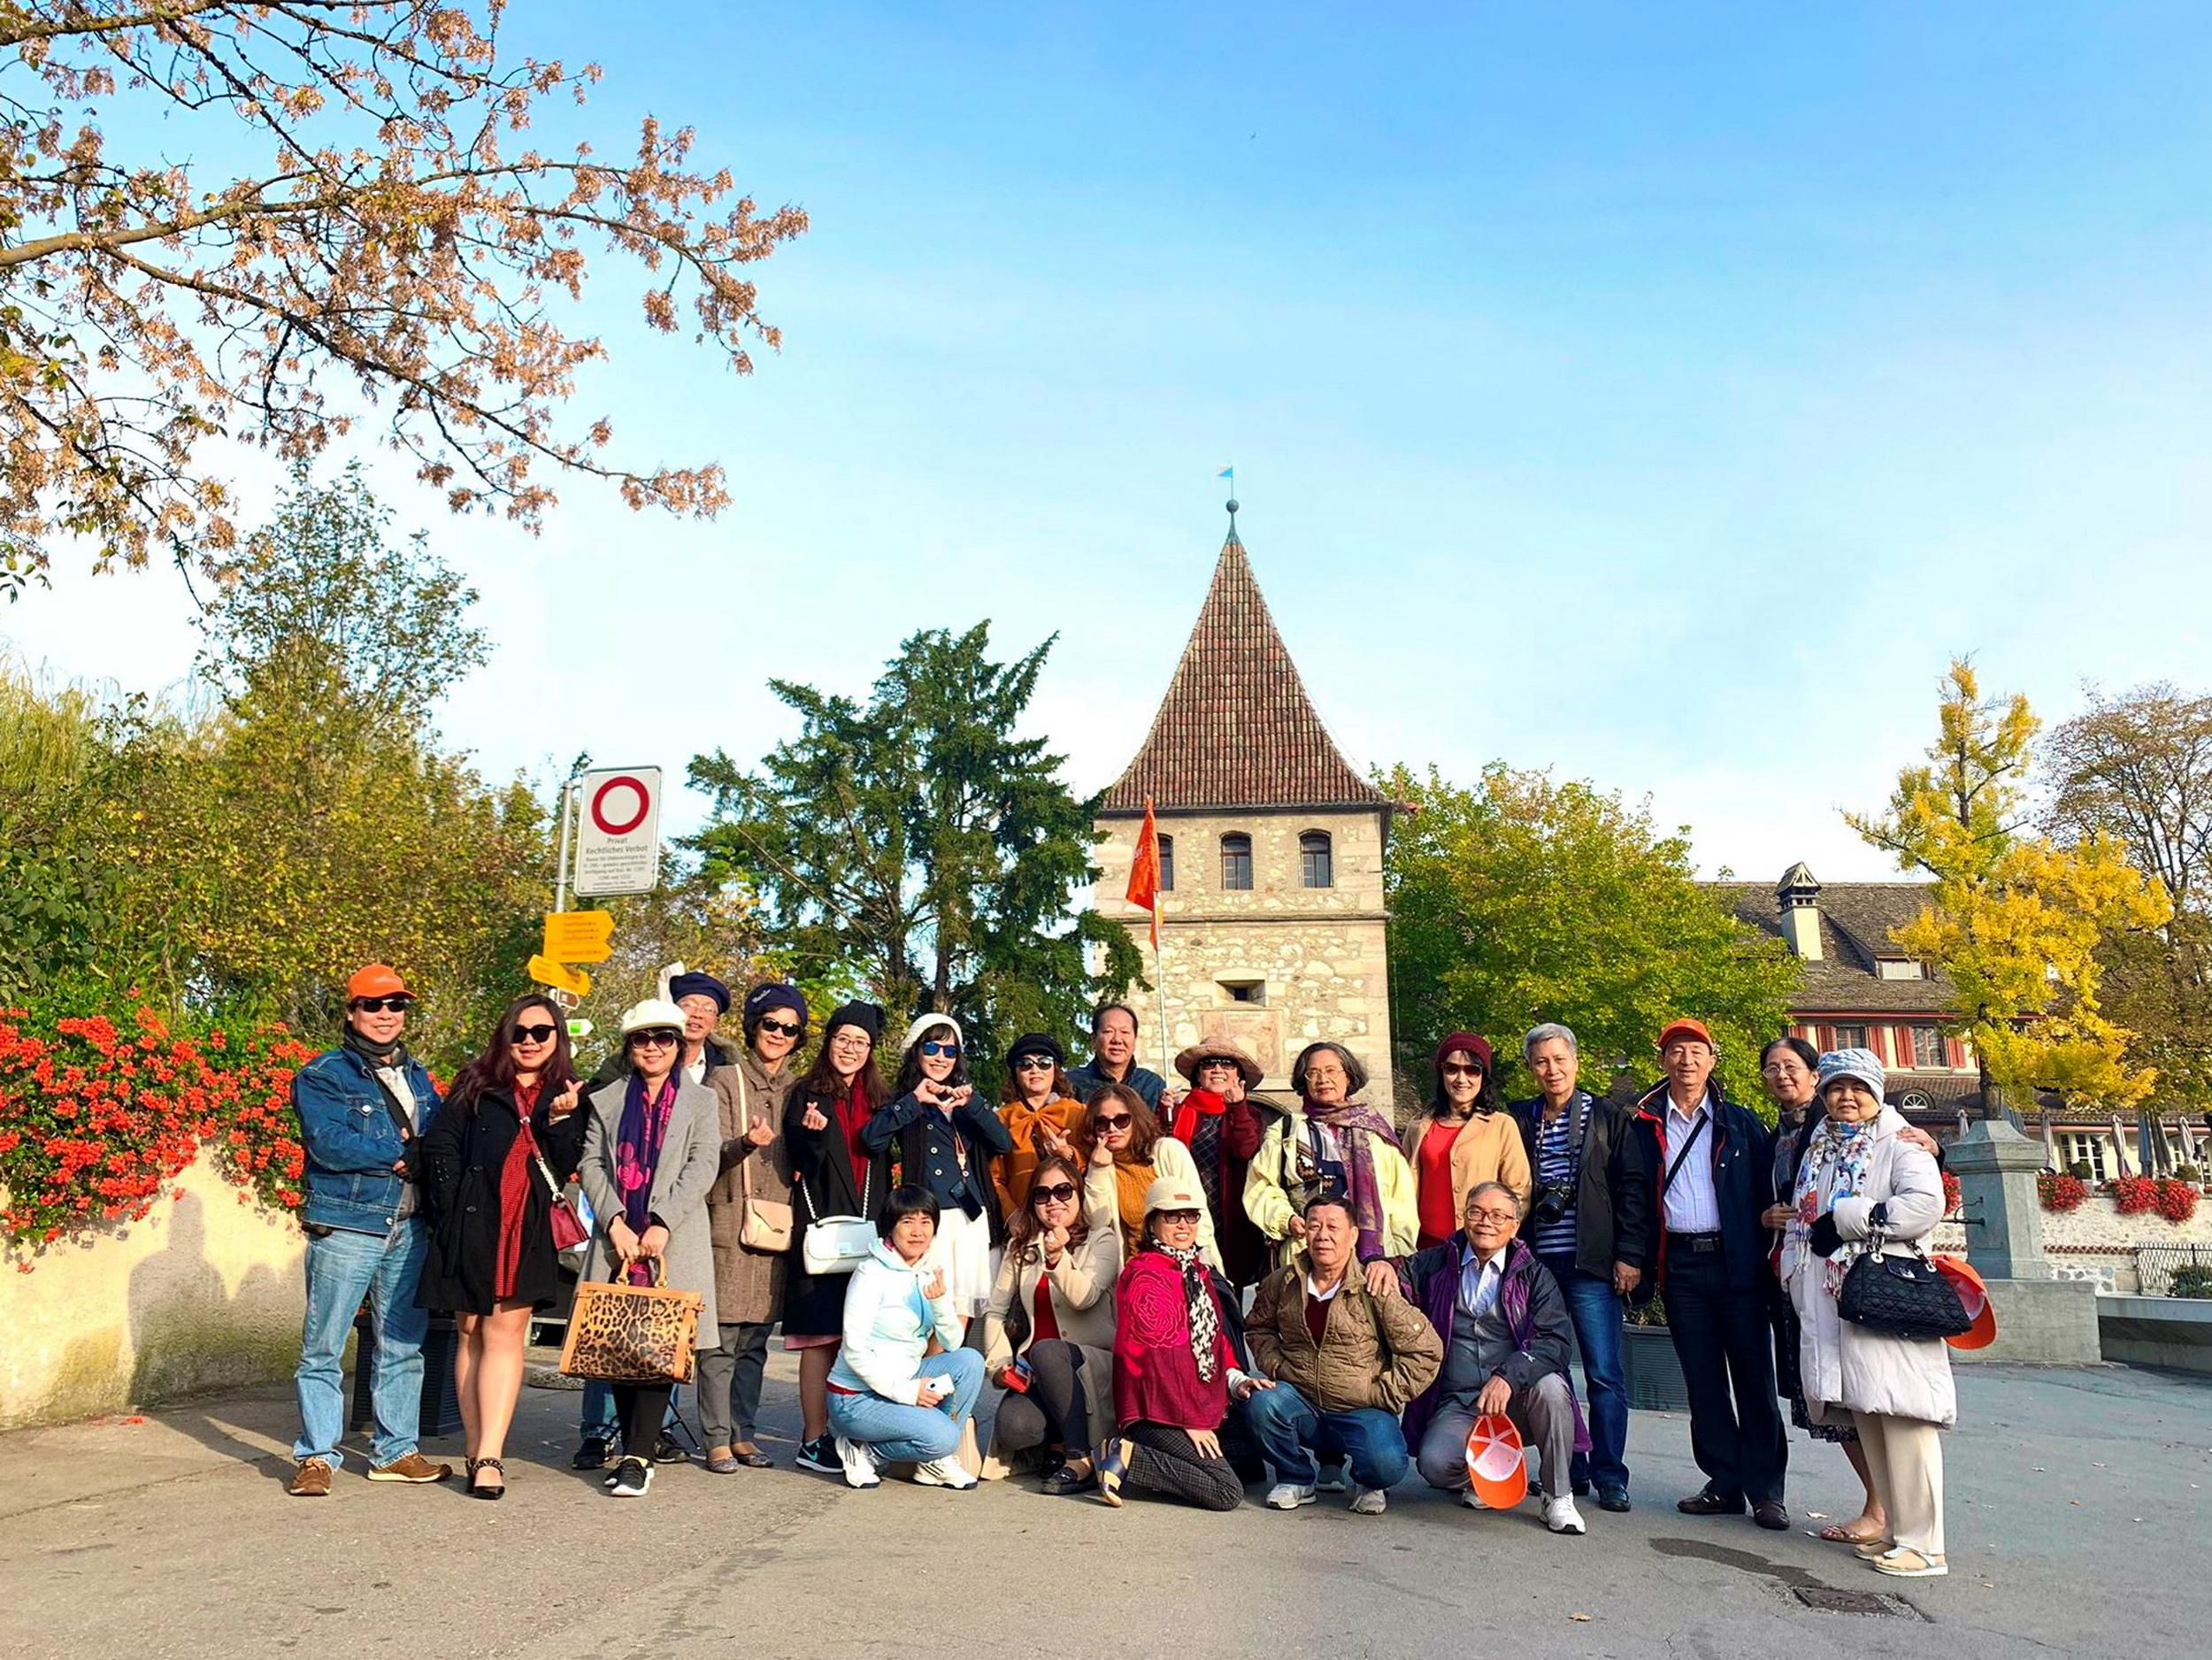 Chào mừng 24 năm thành lập TST tourist ưu đãi cực sốc mua tour tặng tour